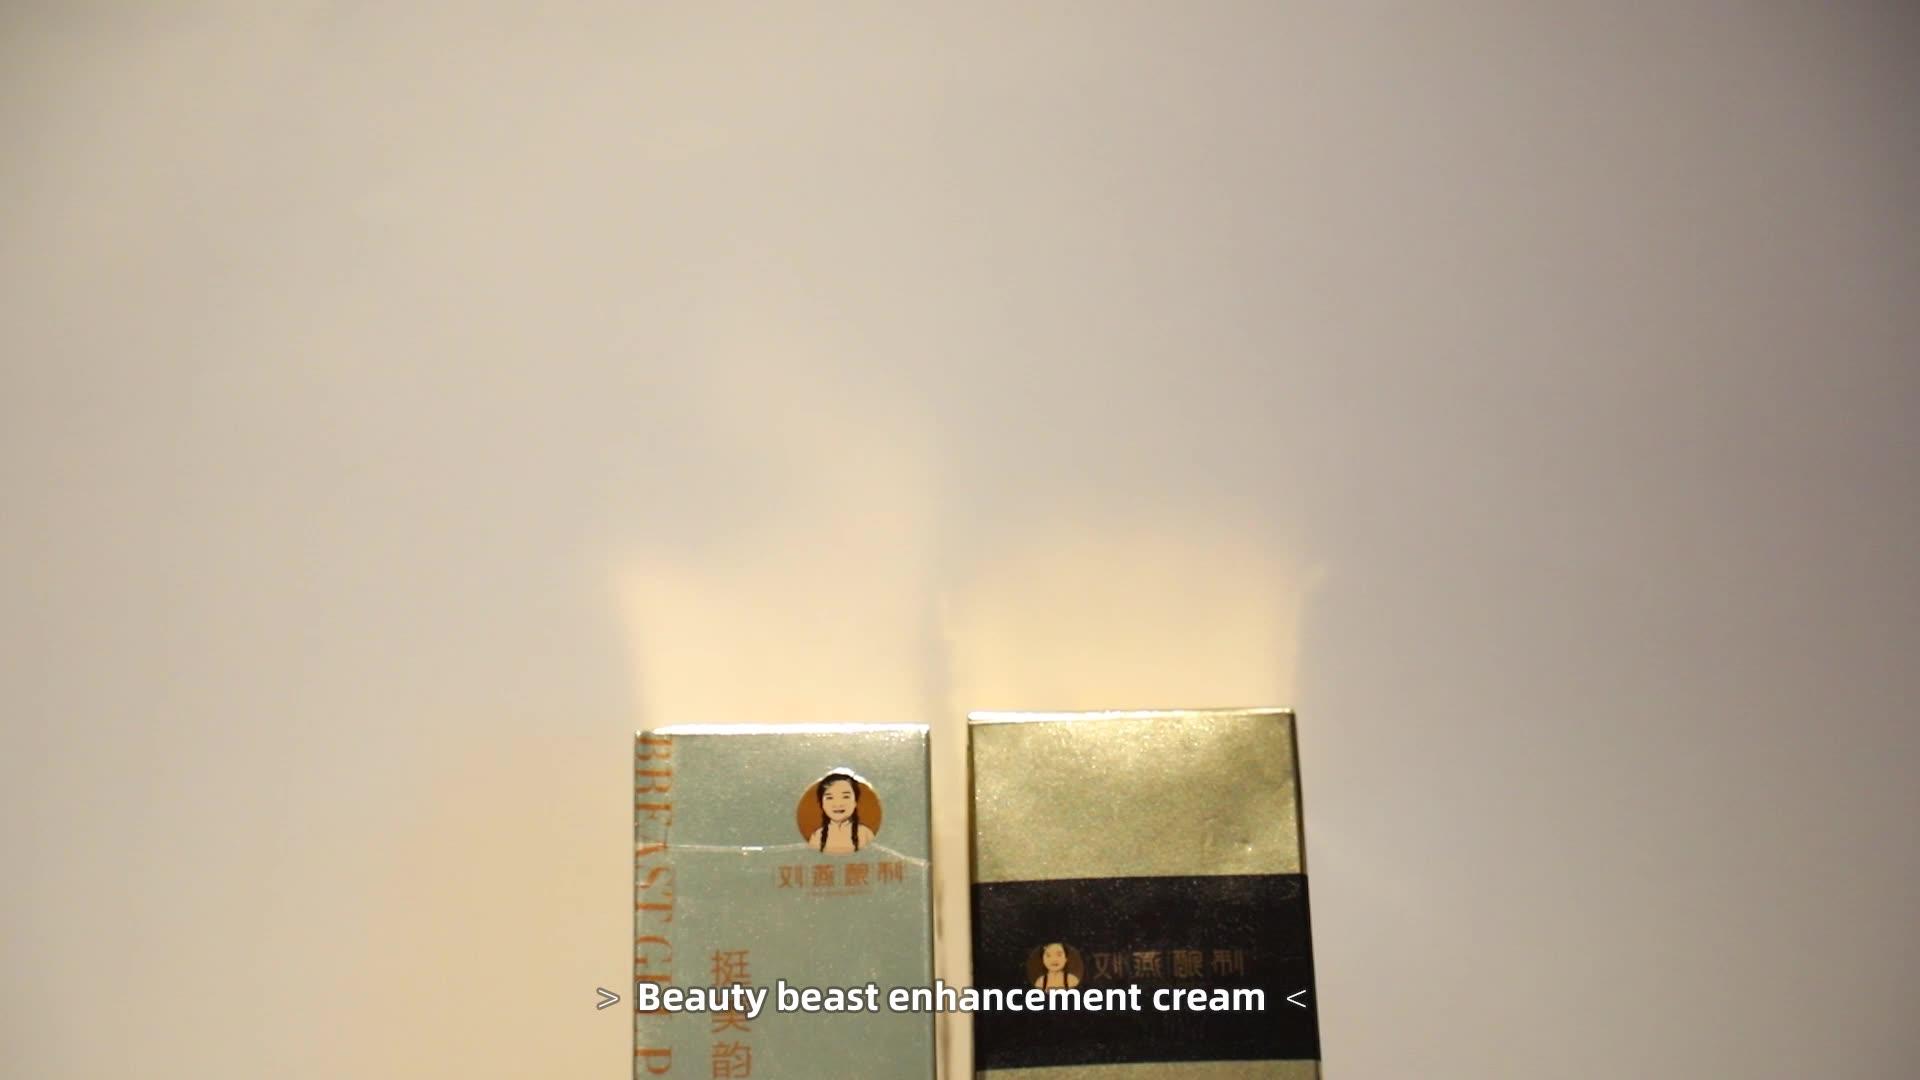 Cuidado do peito Peito Ampliar China Fornecedor Cosméticos Lady Instantâneo Melhor Creme Da Ampliação Do Peito